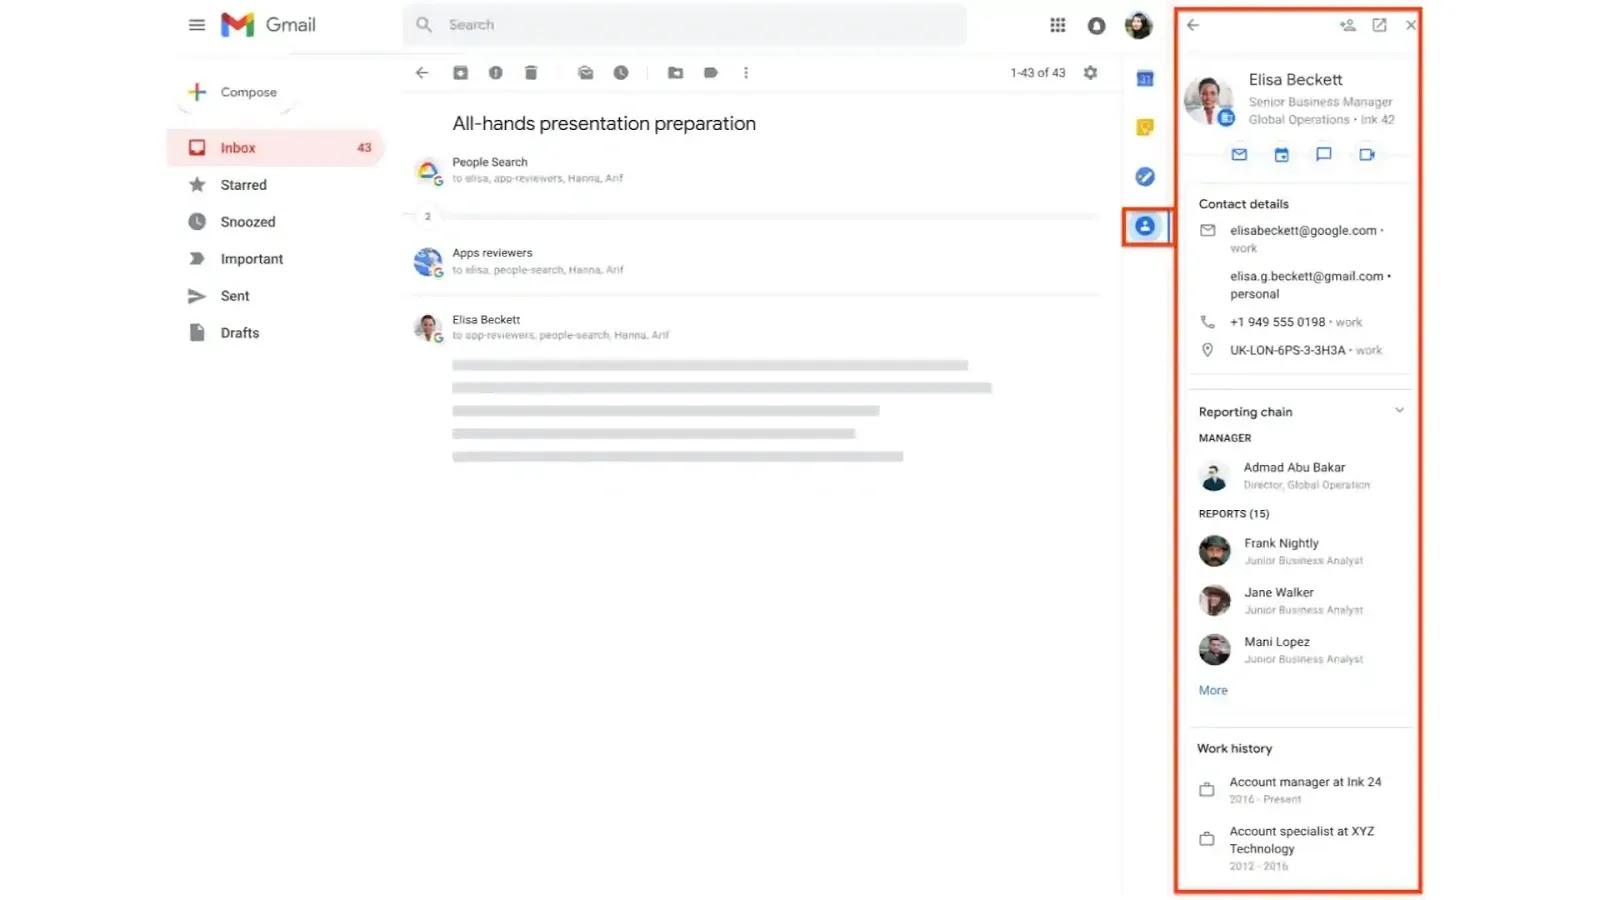 gmail-sekarang-akan-menampilkan-lebih-banyak-informasi